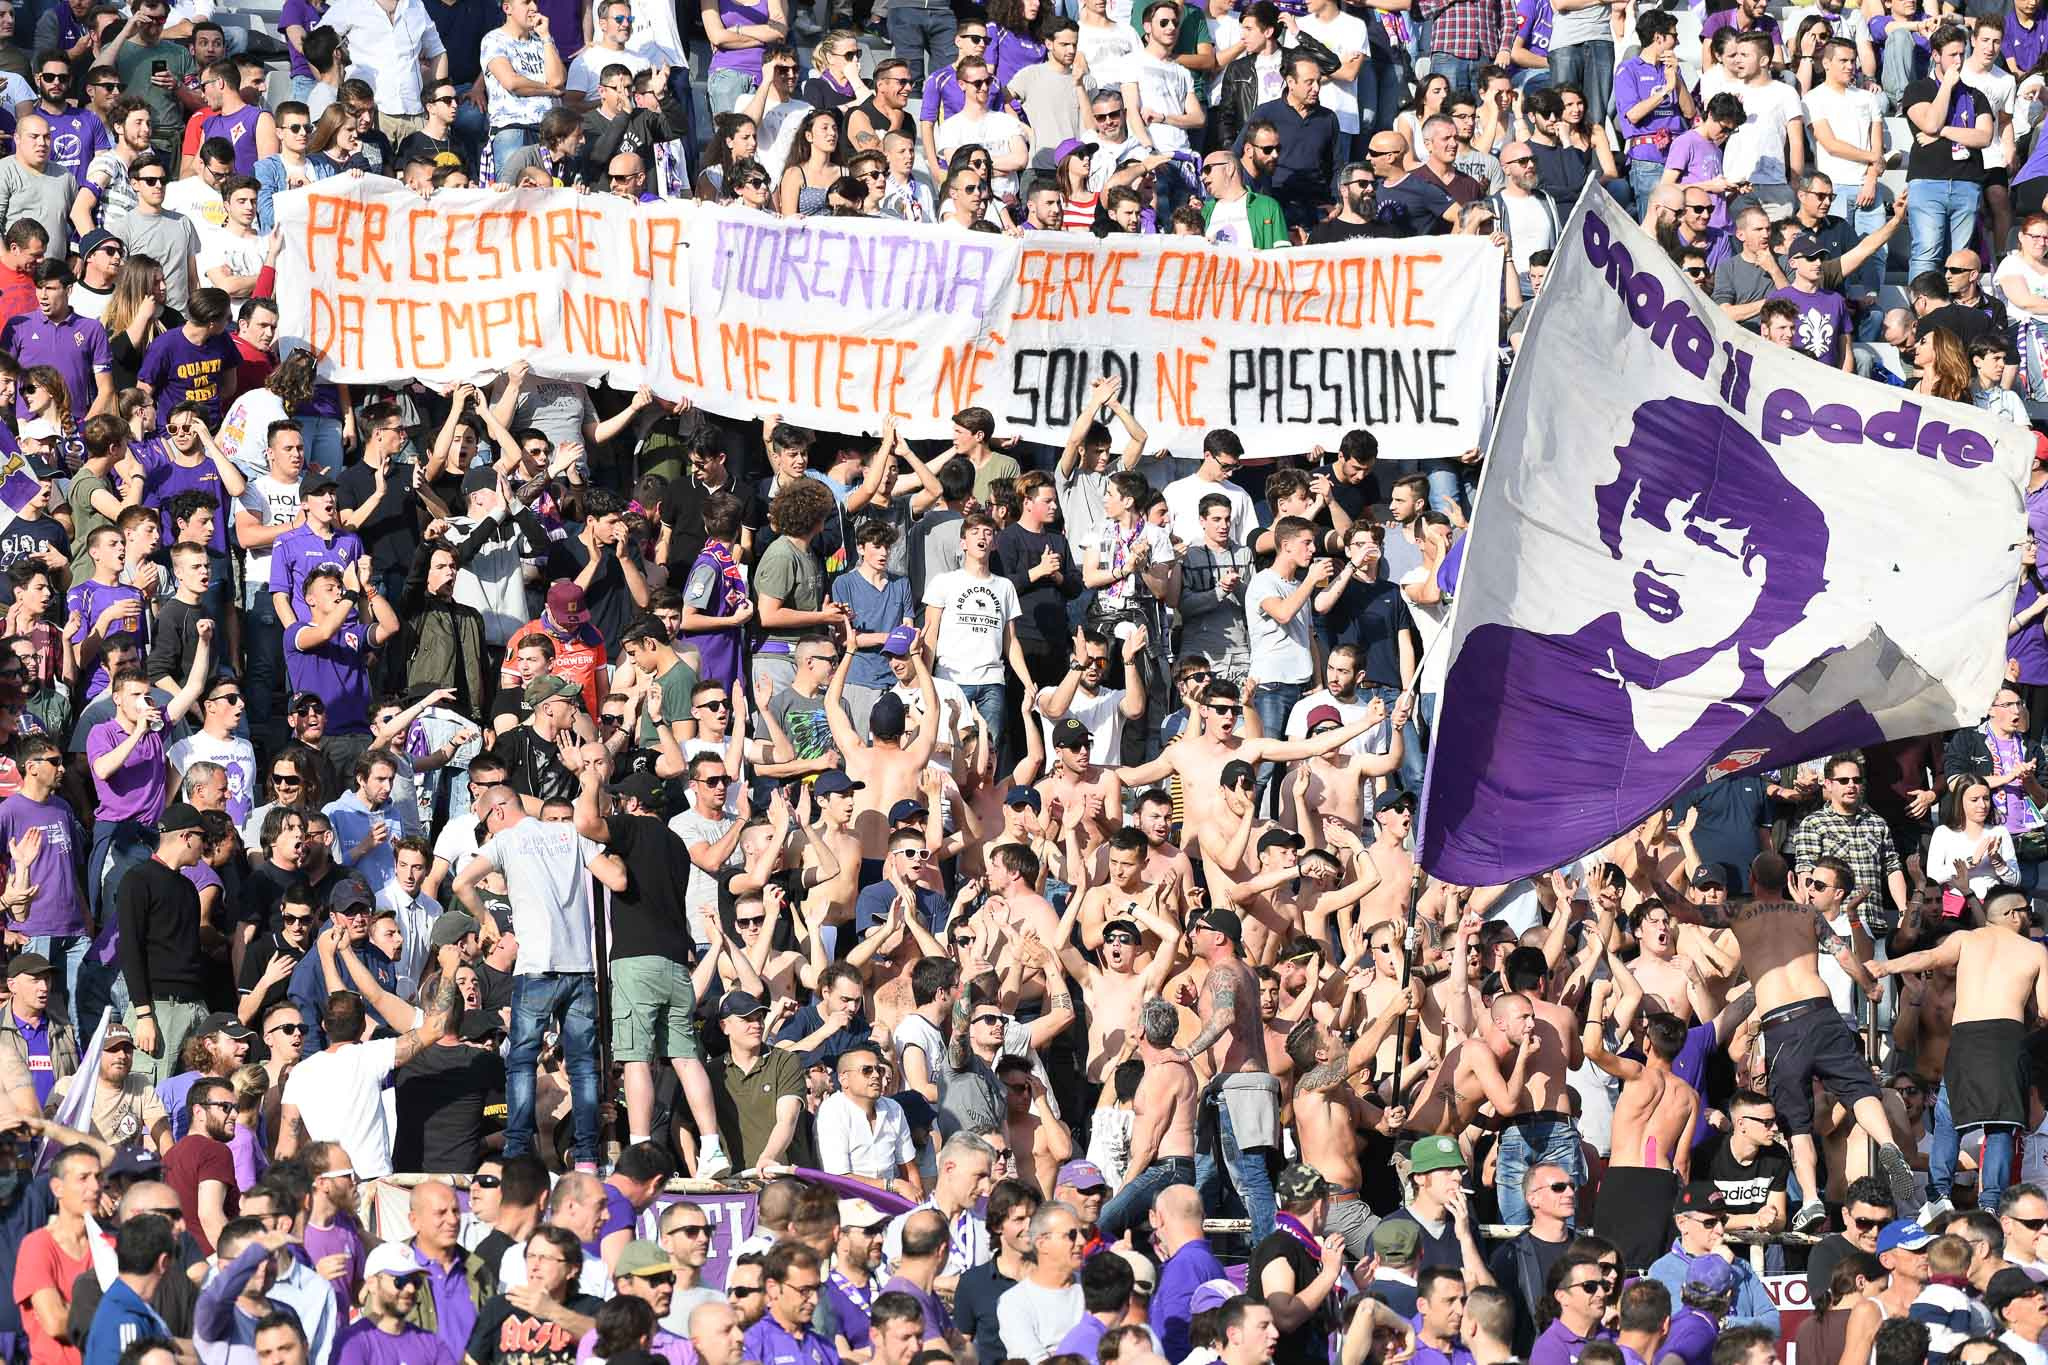 Adesso i tifosi della Fiorentina chiedono chiarezza alla società. E oggi può partire la contestazione